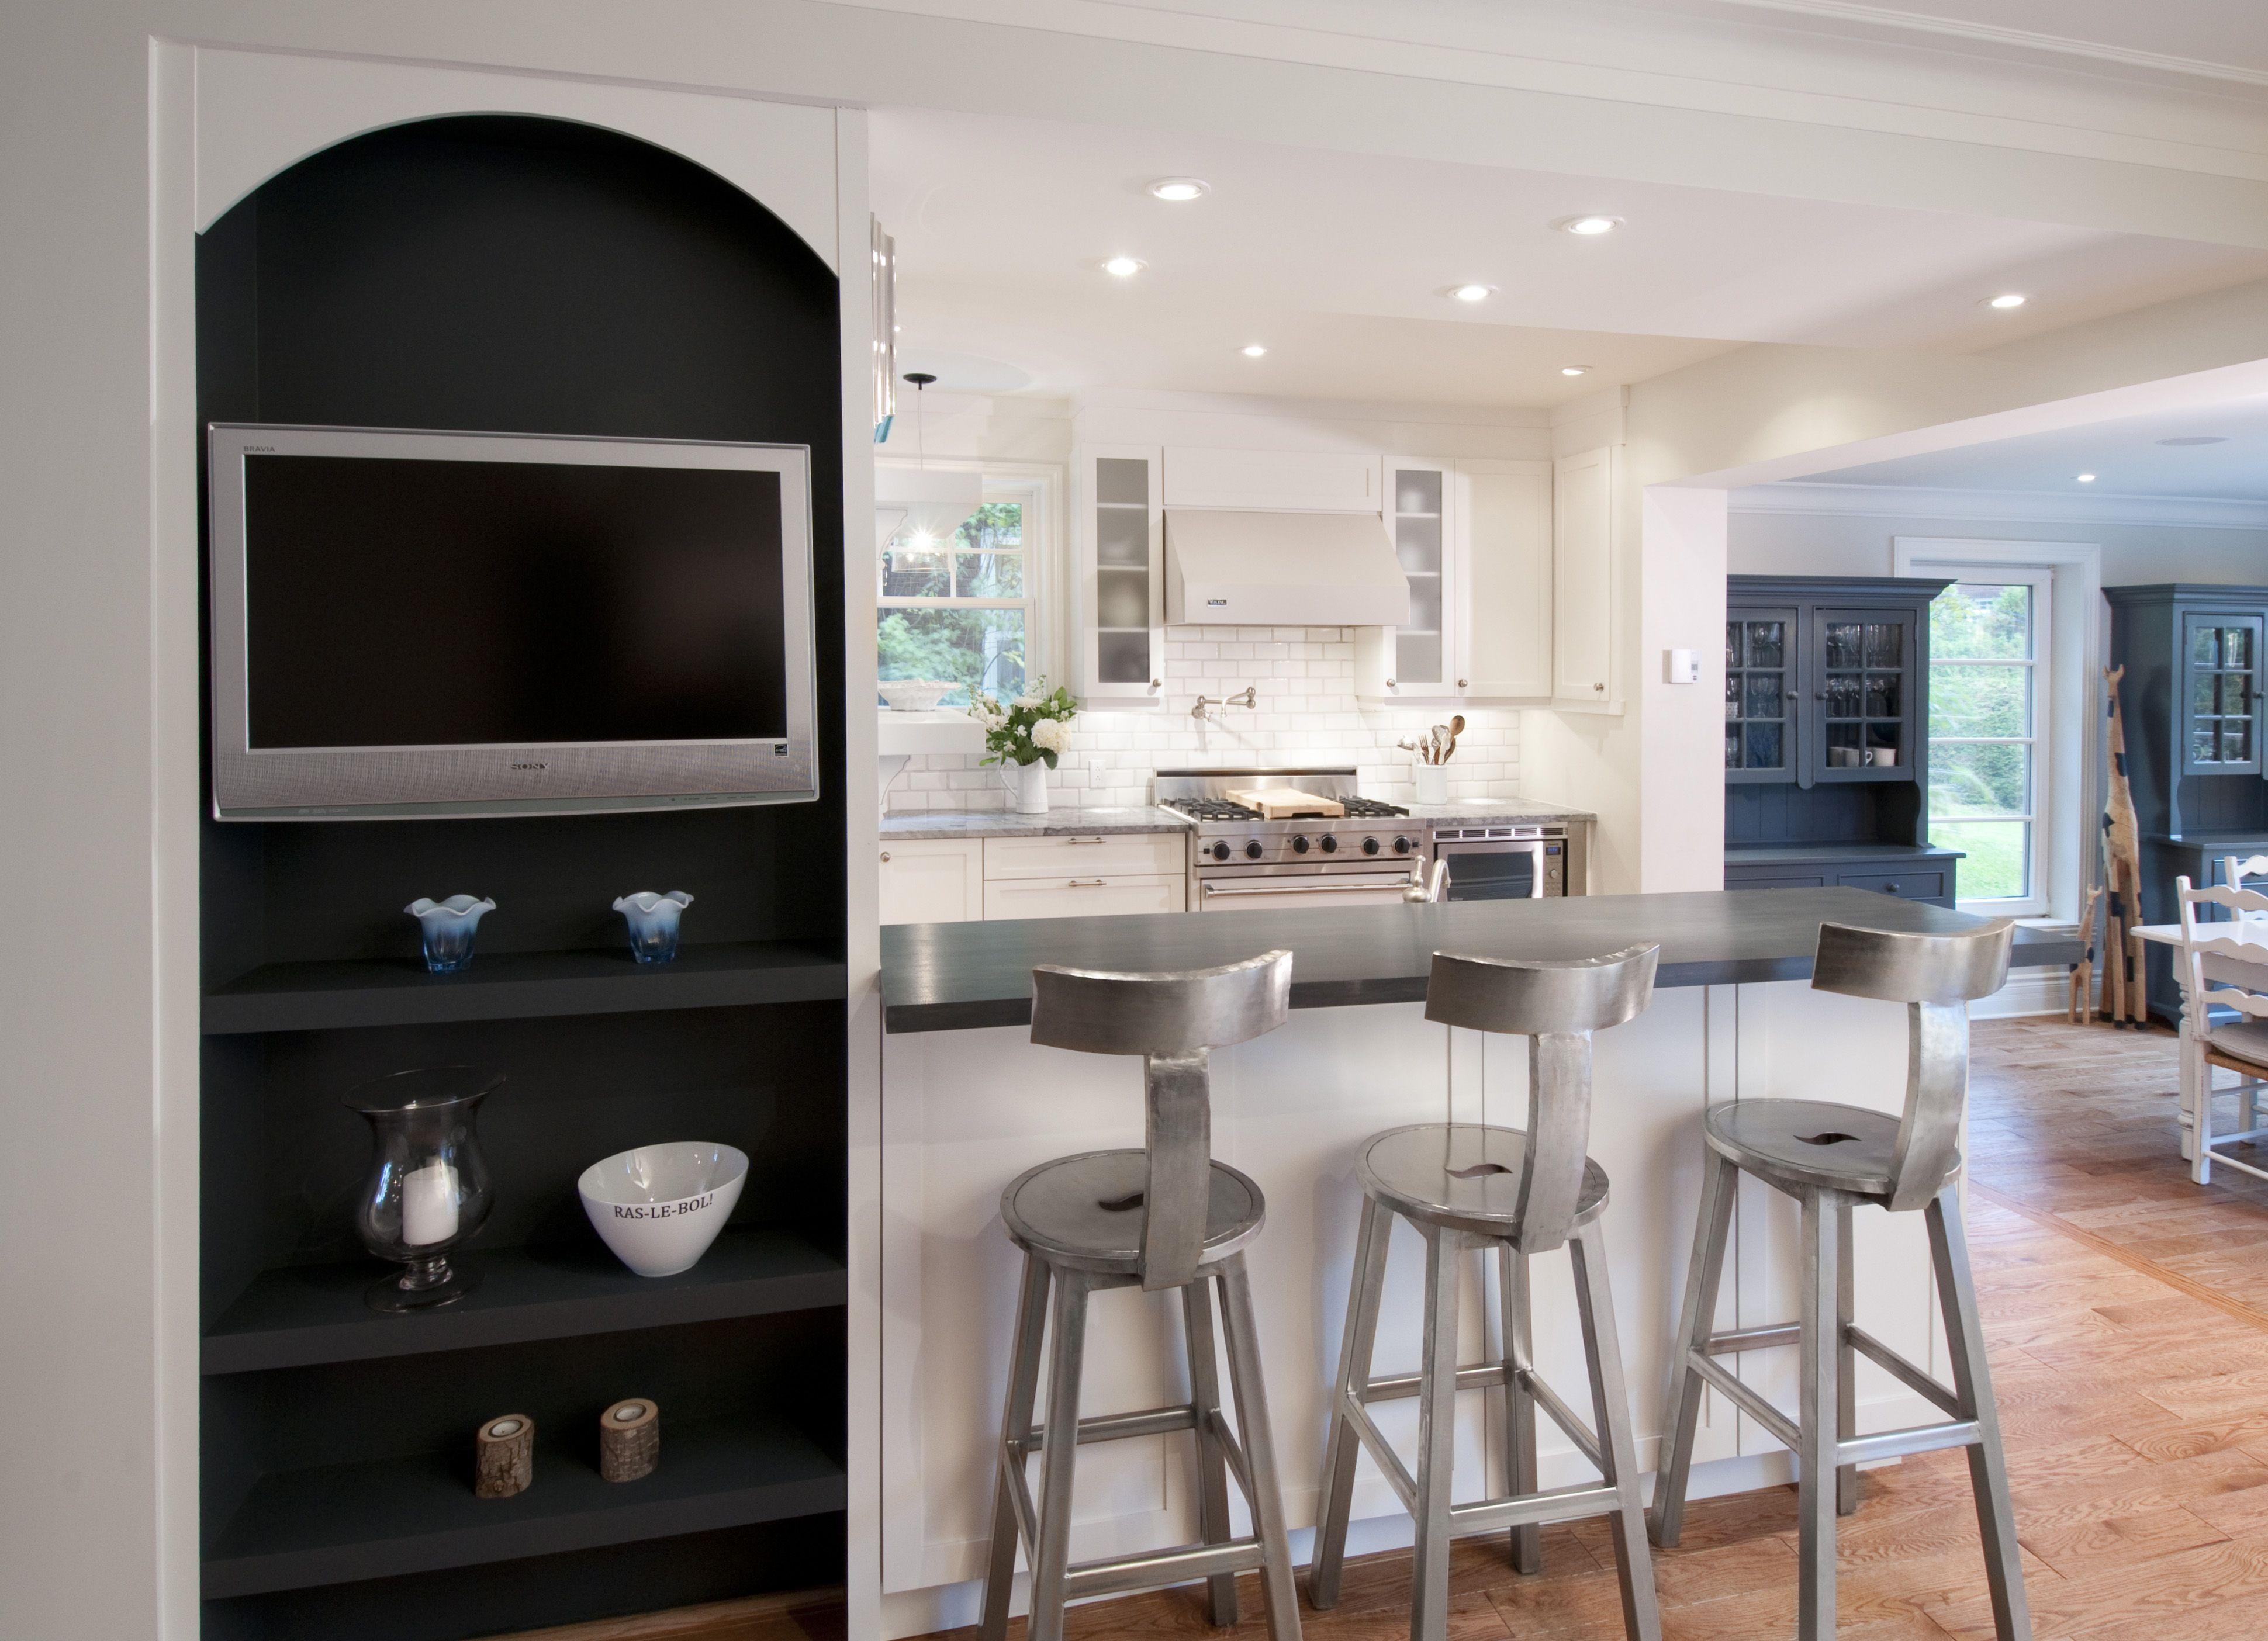 Épinglé sur Cuisine/Kitchen renovation Montreal Groupe SP Reno Urbaine